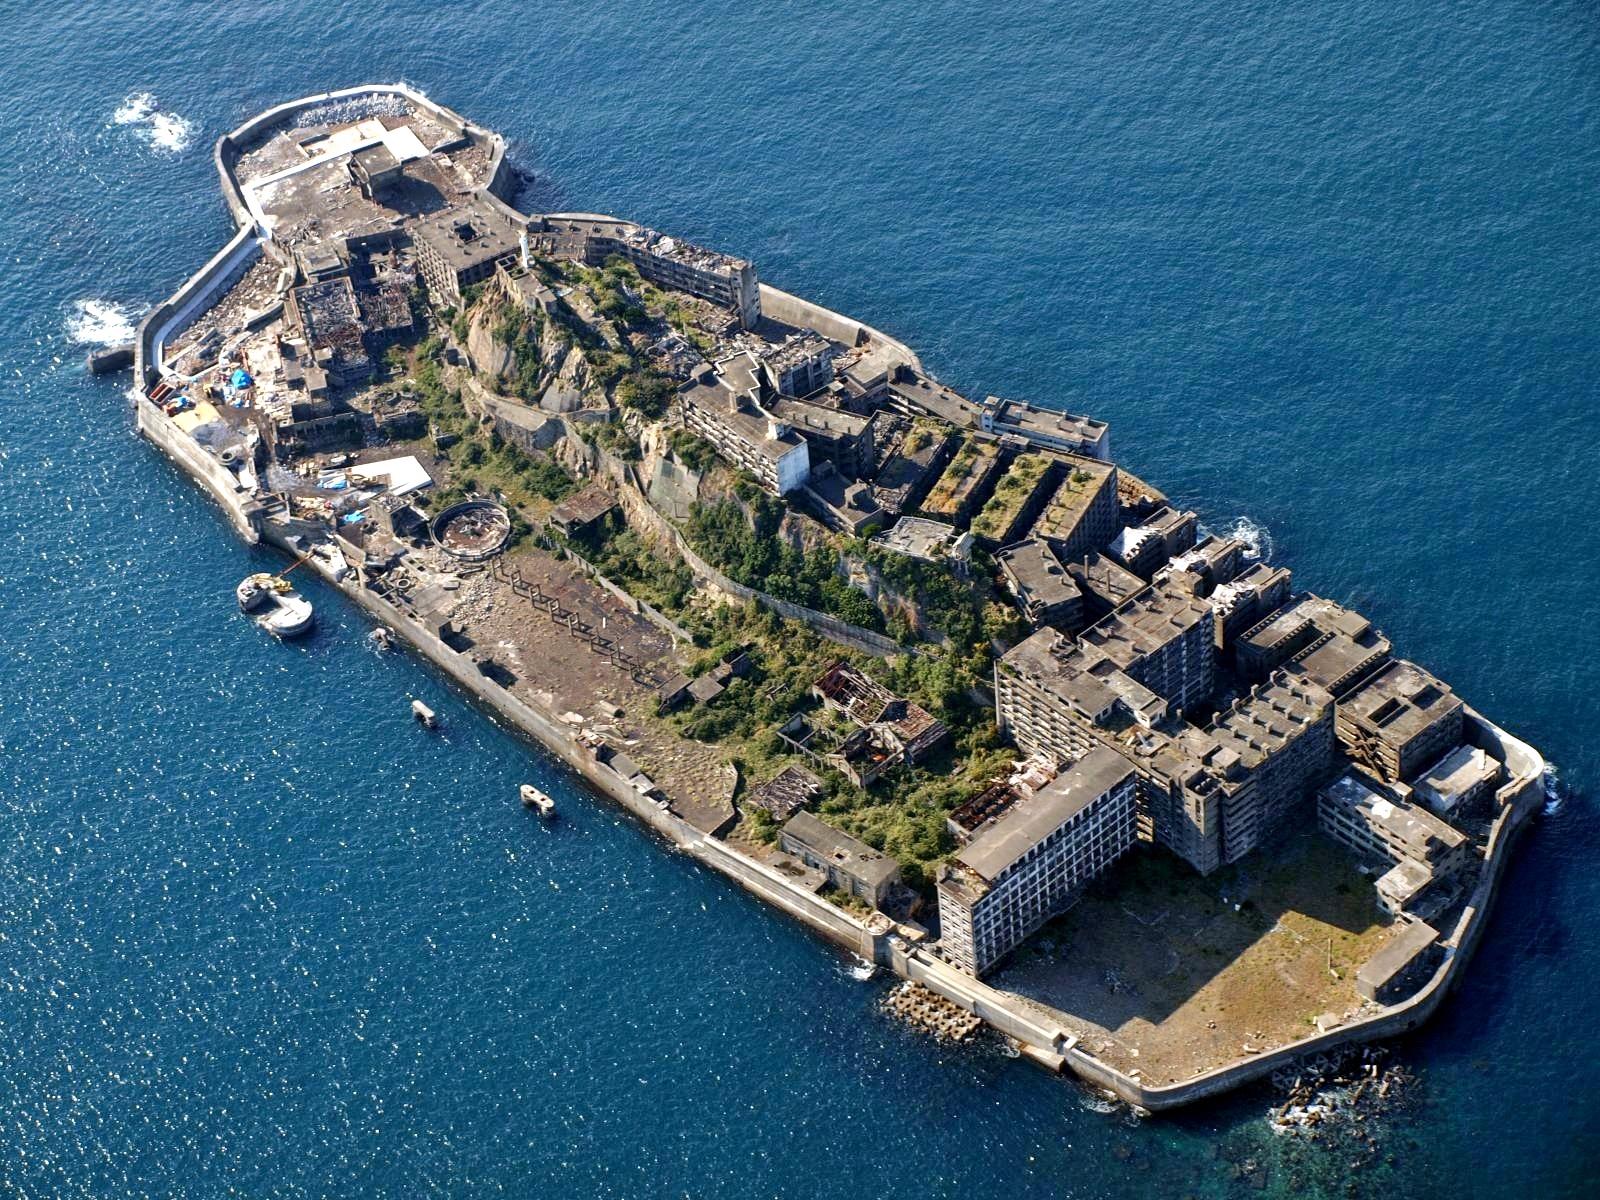 L'isola della nave da guerra